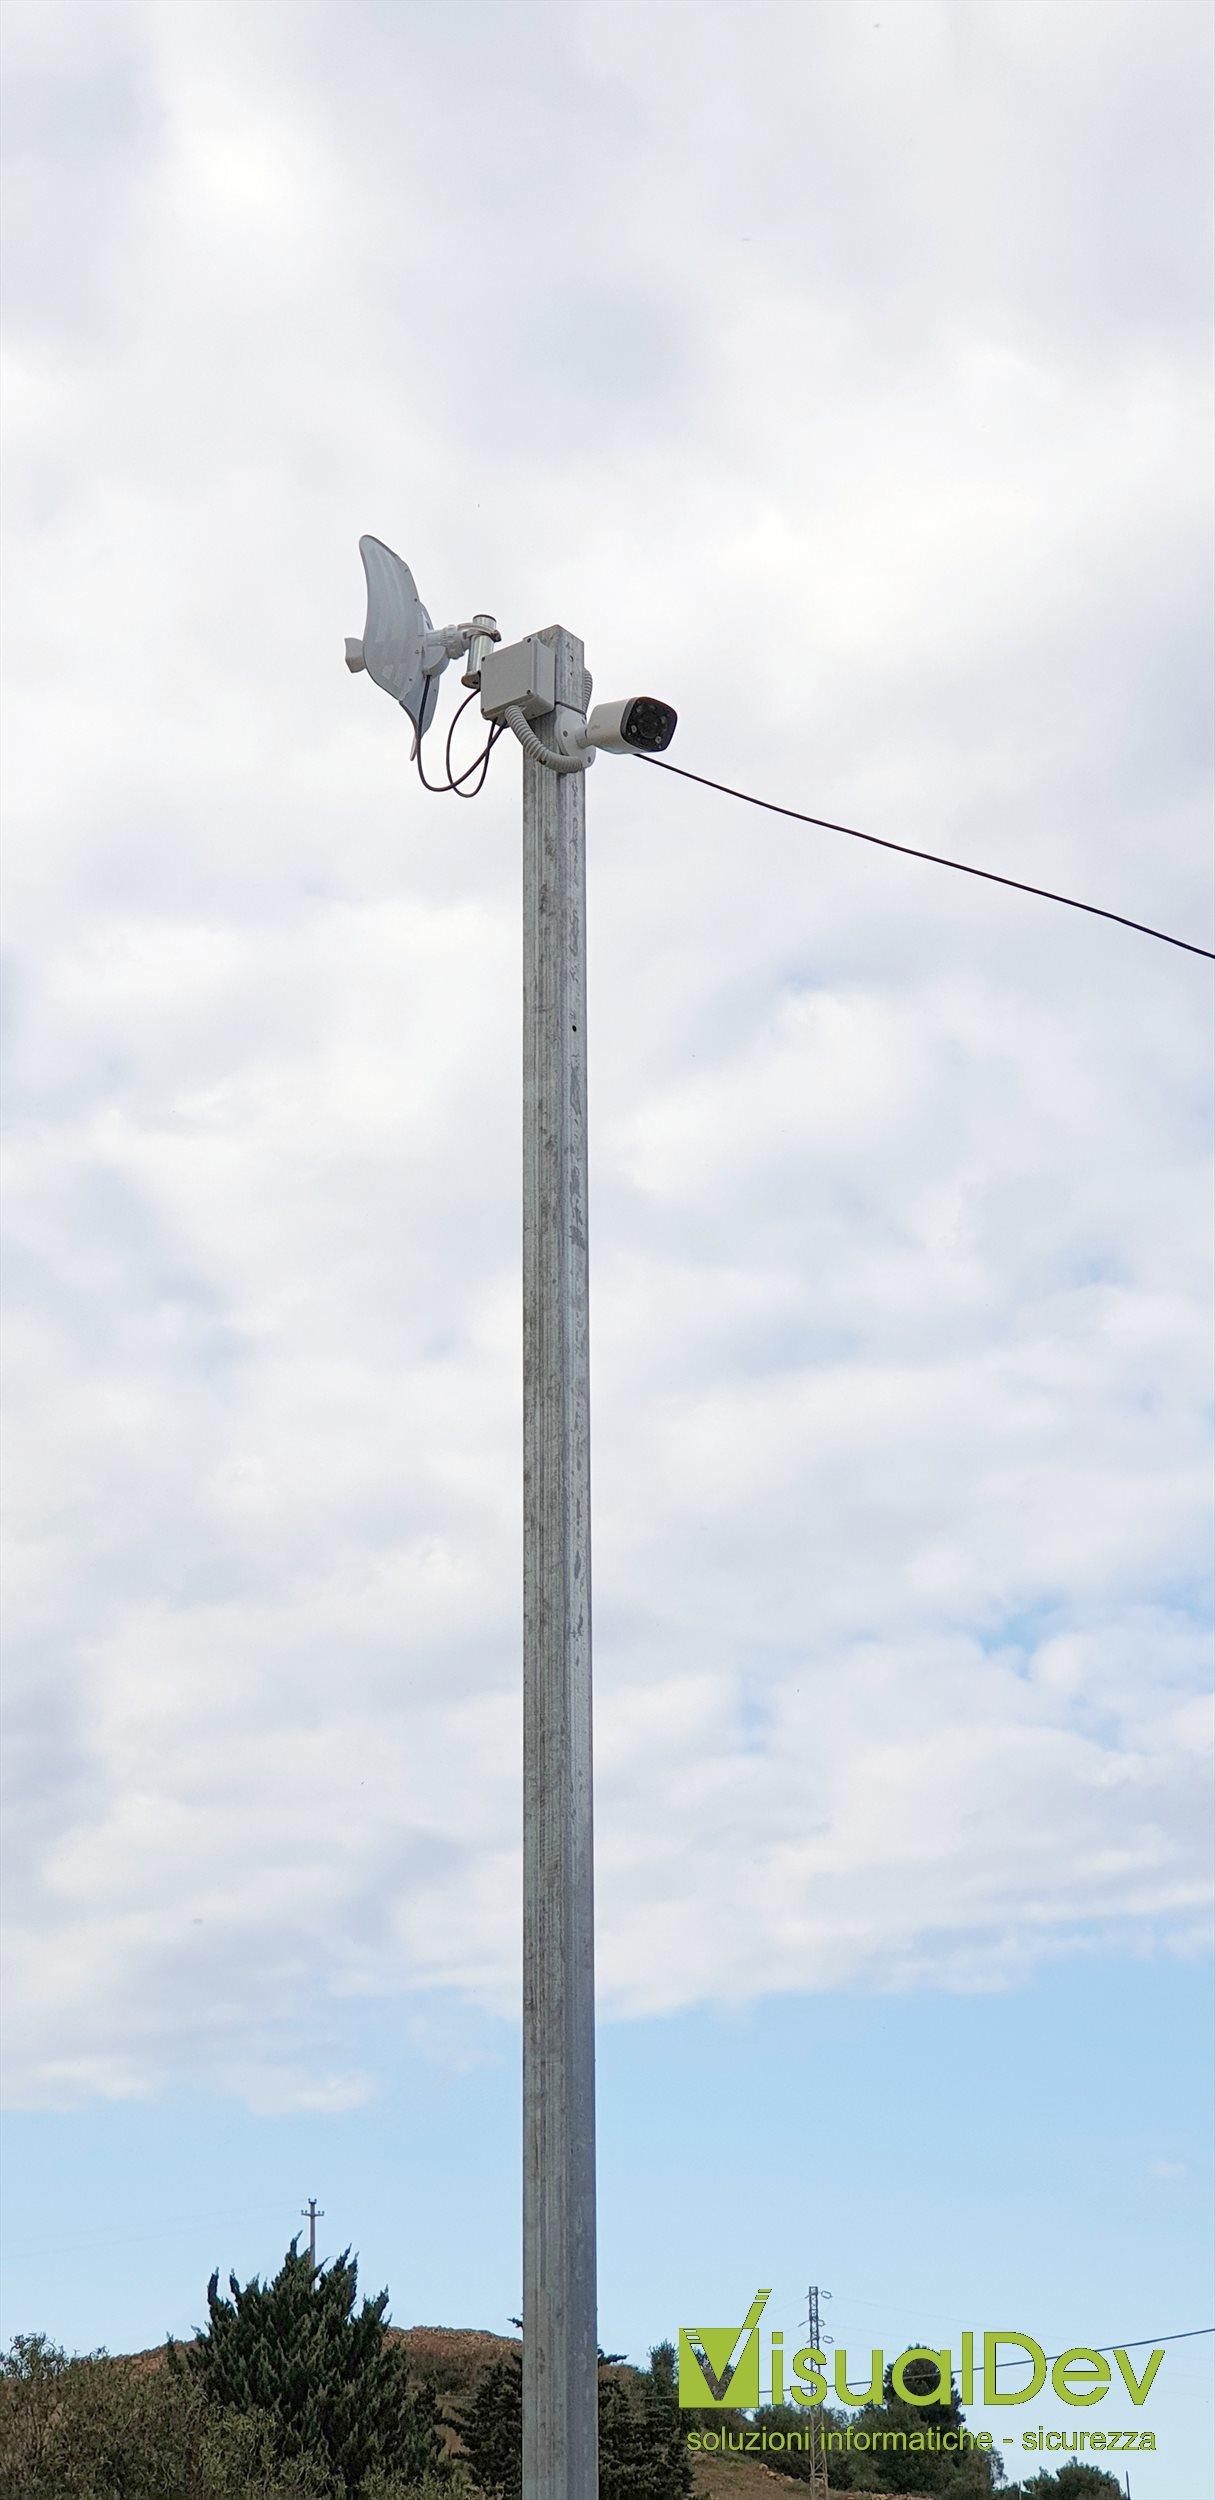 Palo con telecamera IP e trasmettitore in impianto videosorveglianza con analisi video